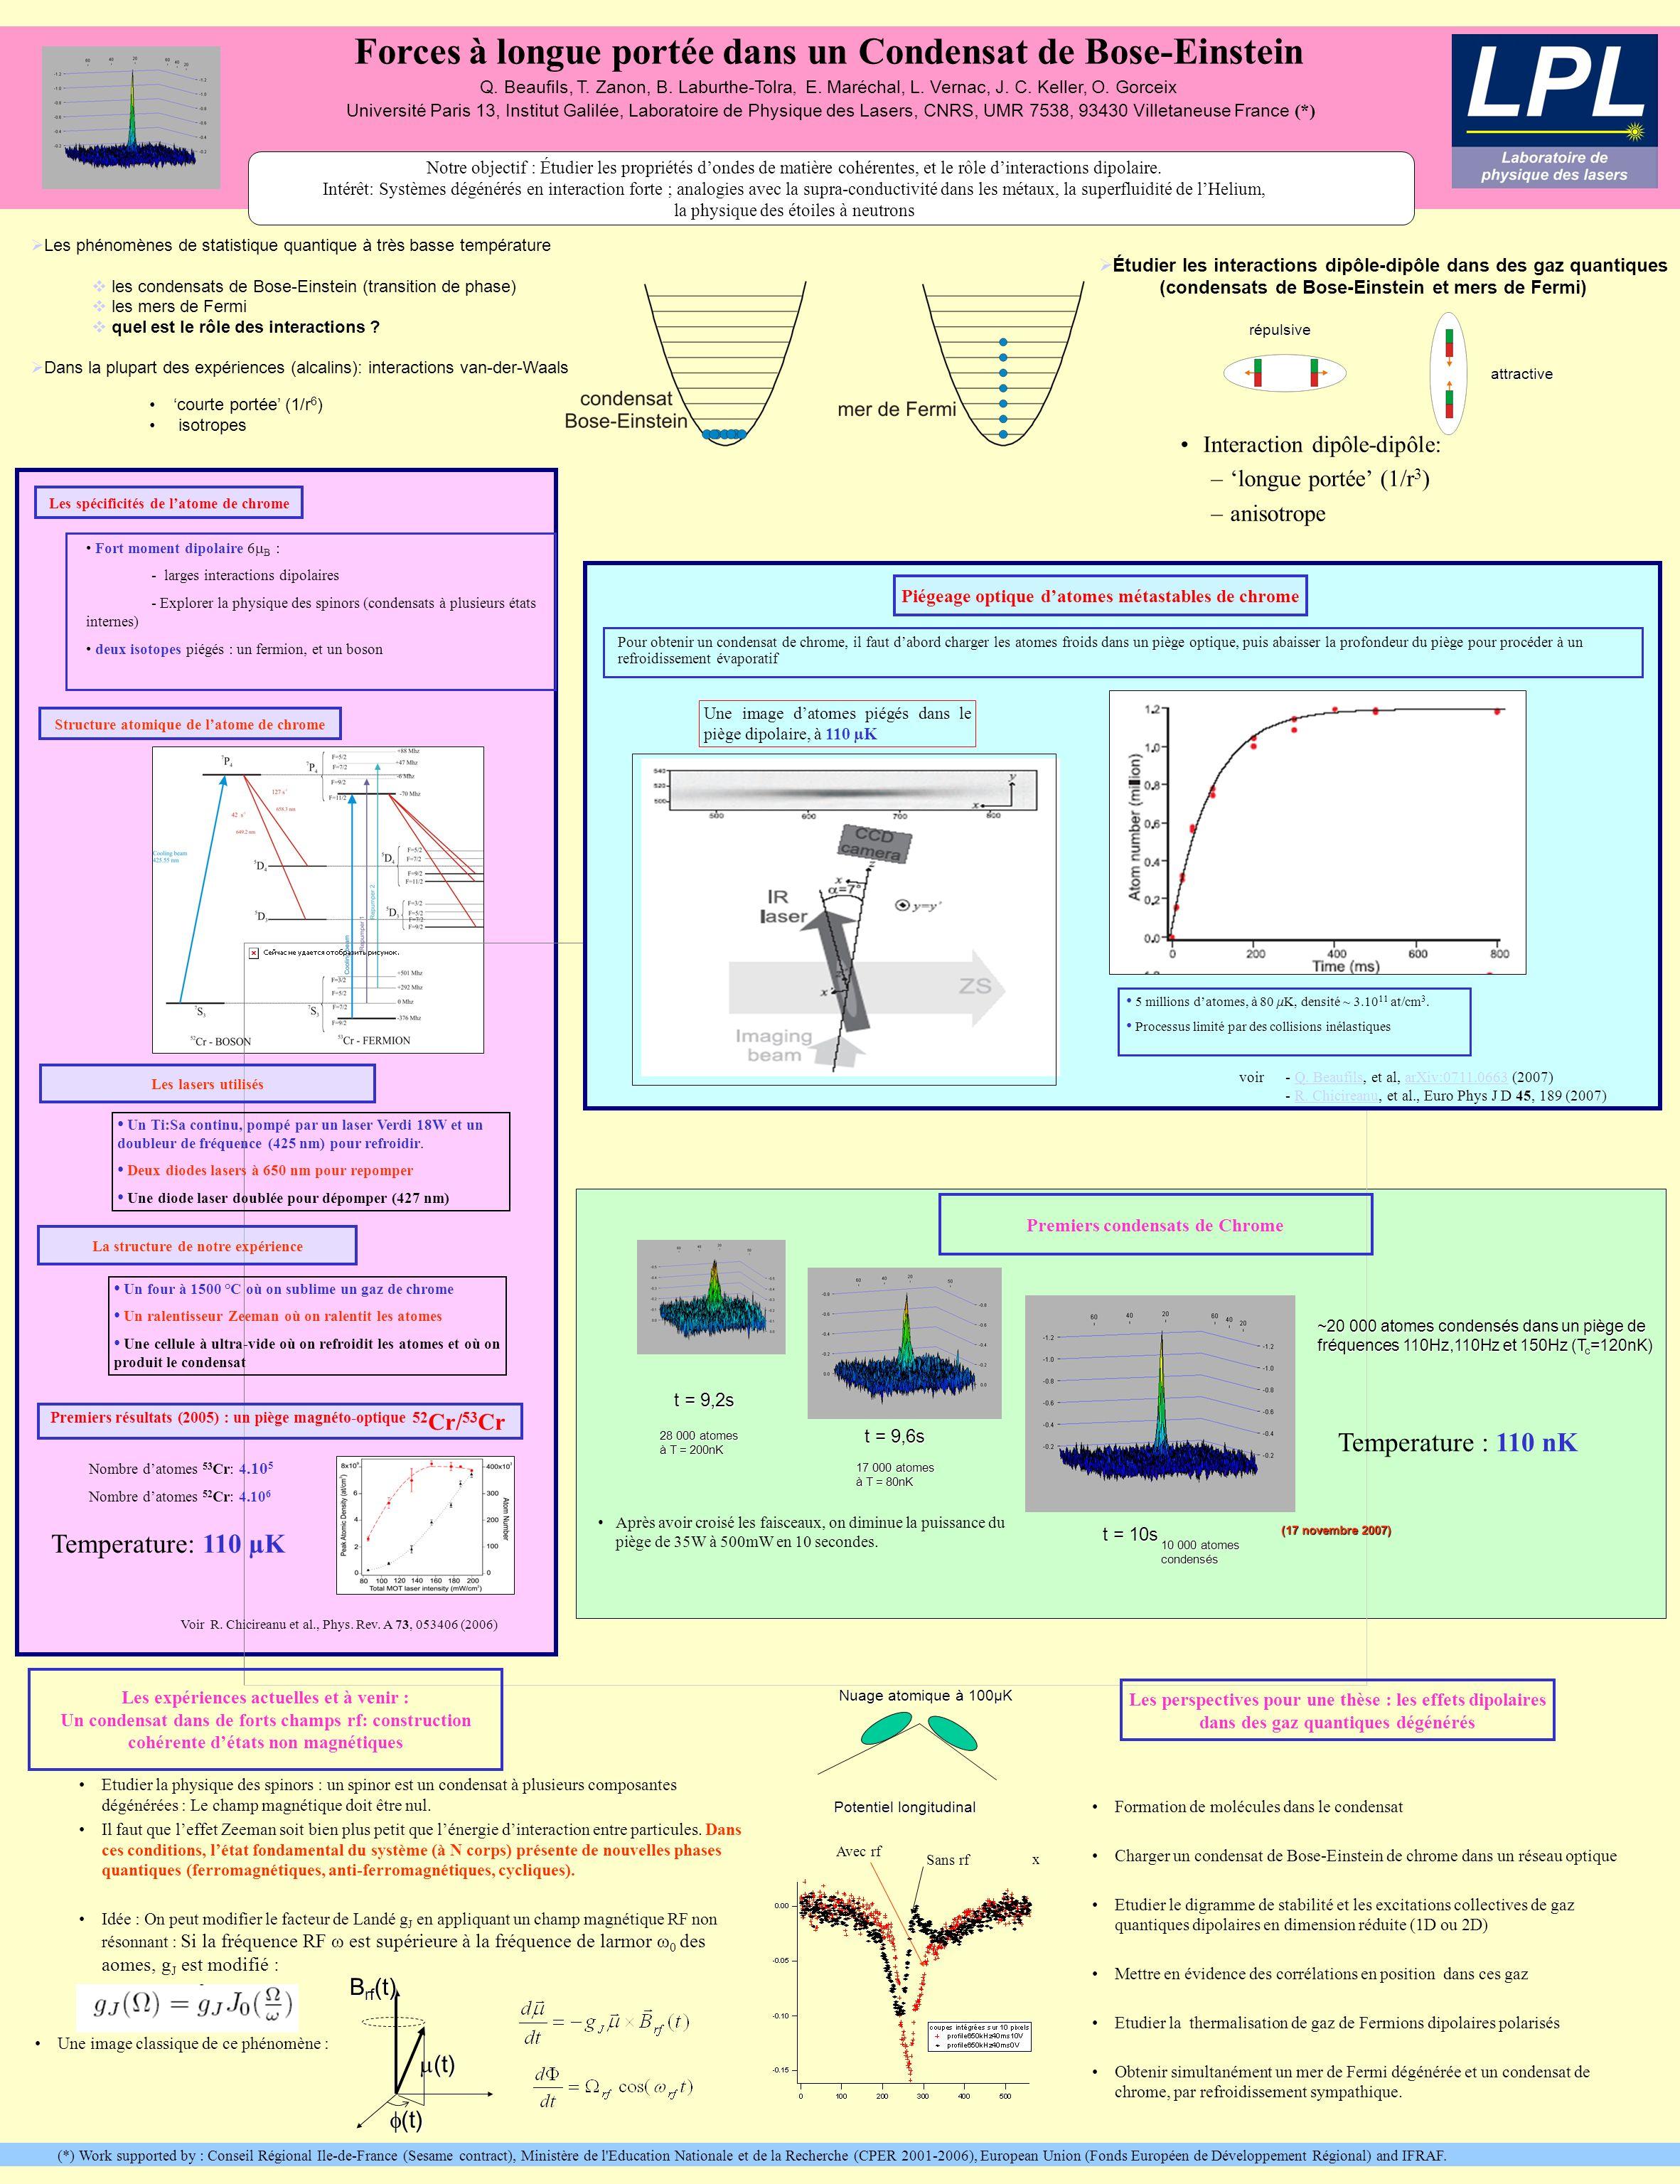 Forces à longue portée dans un Condensat de Bose-Einstein